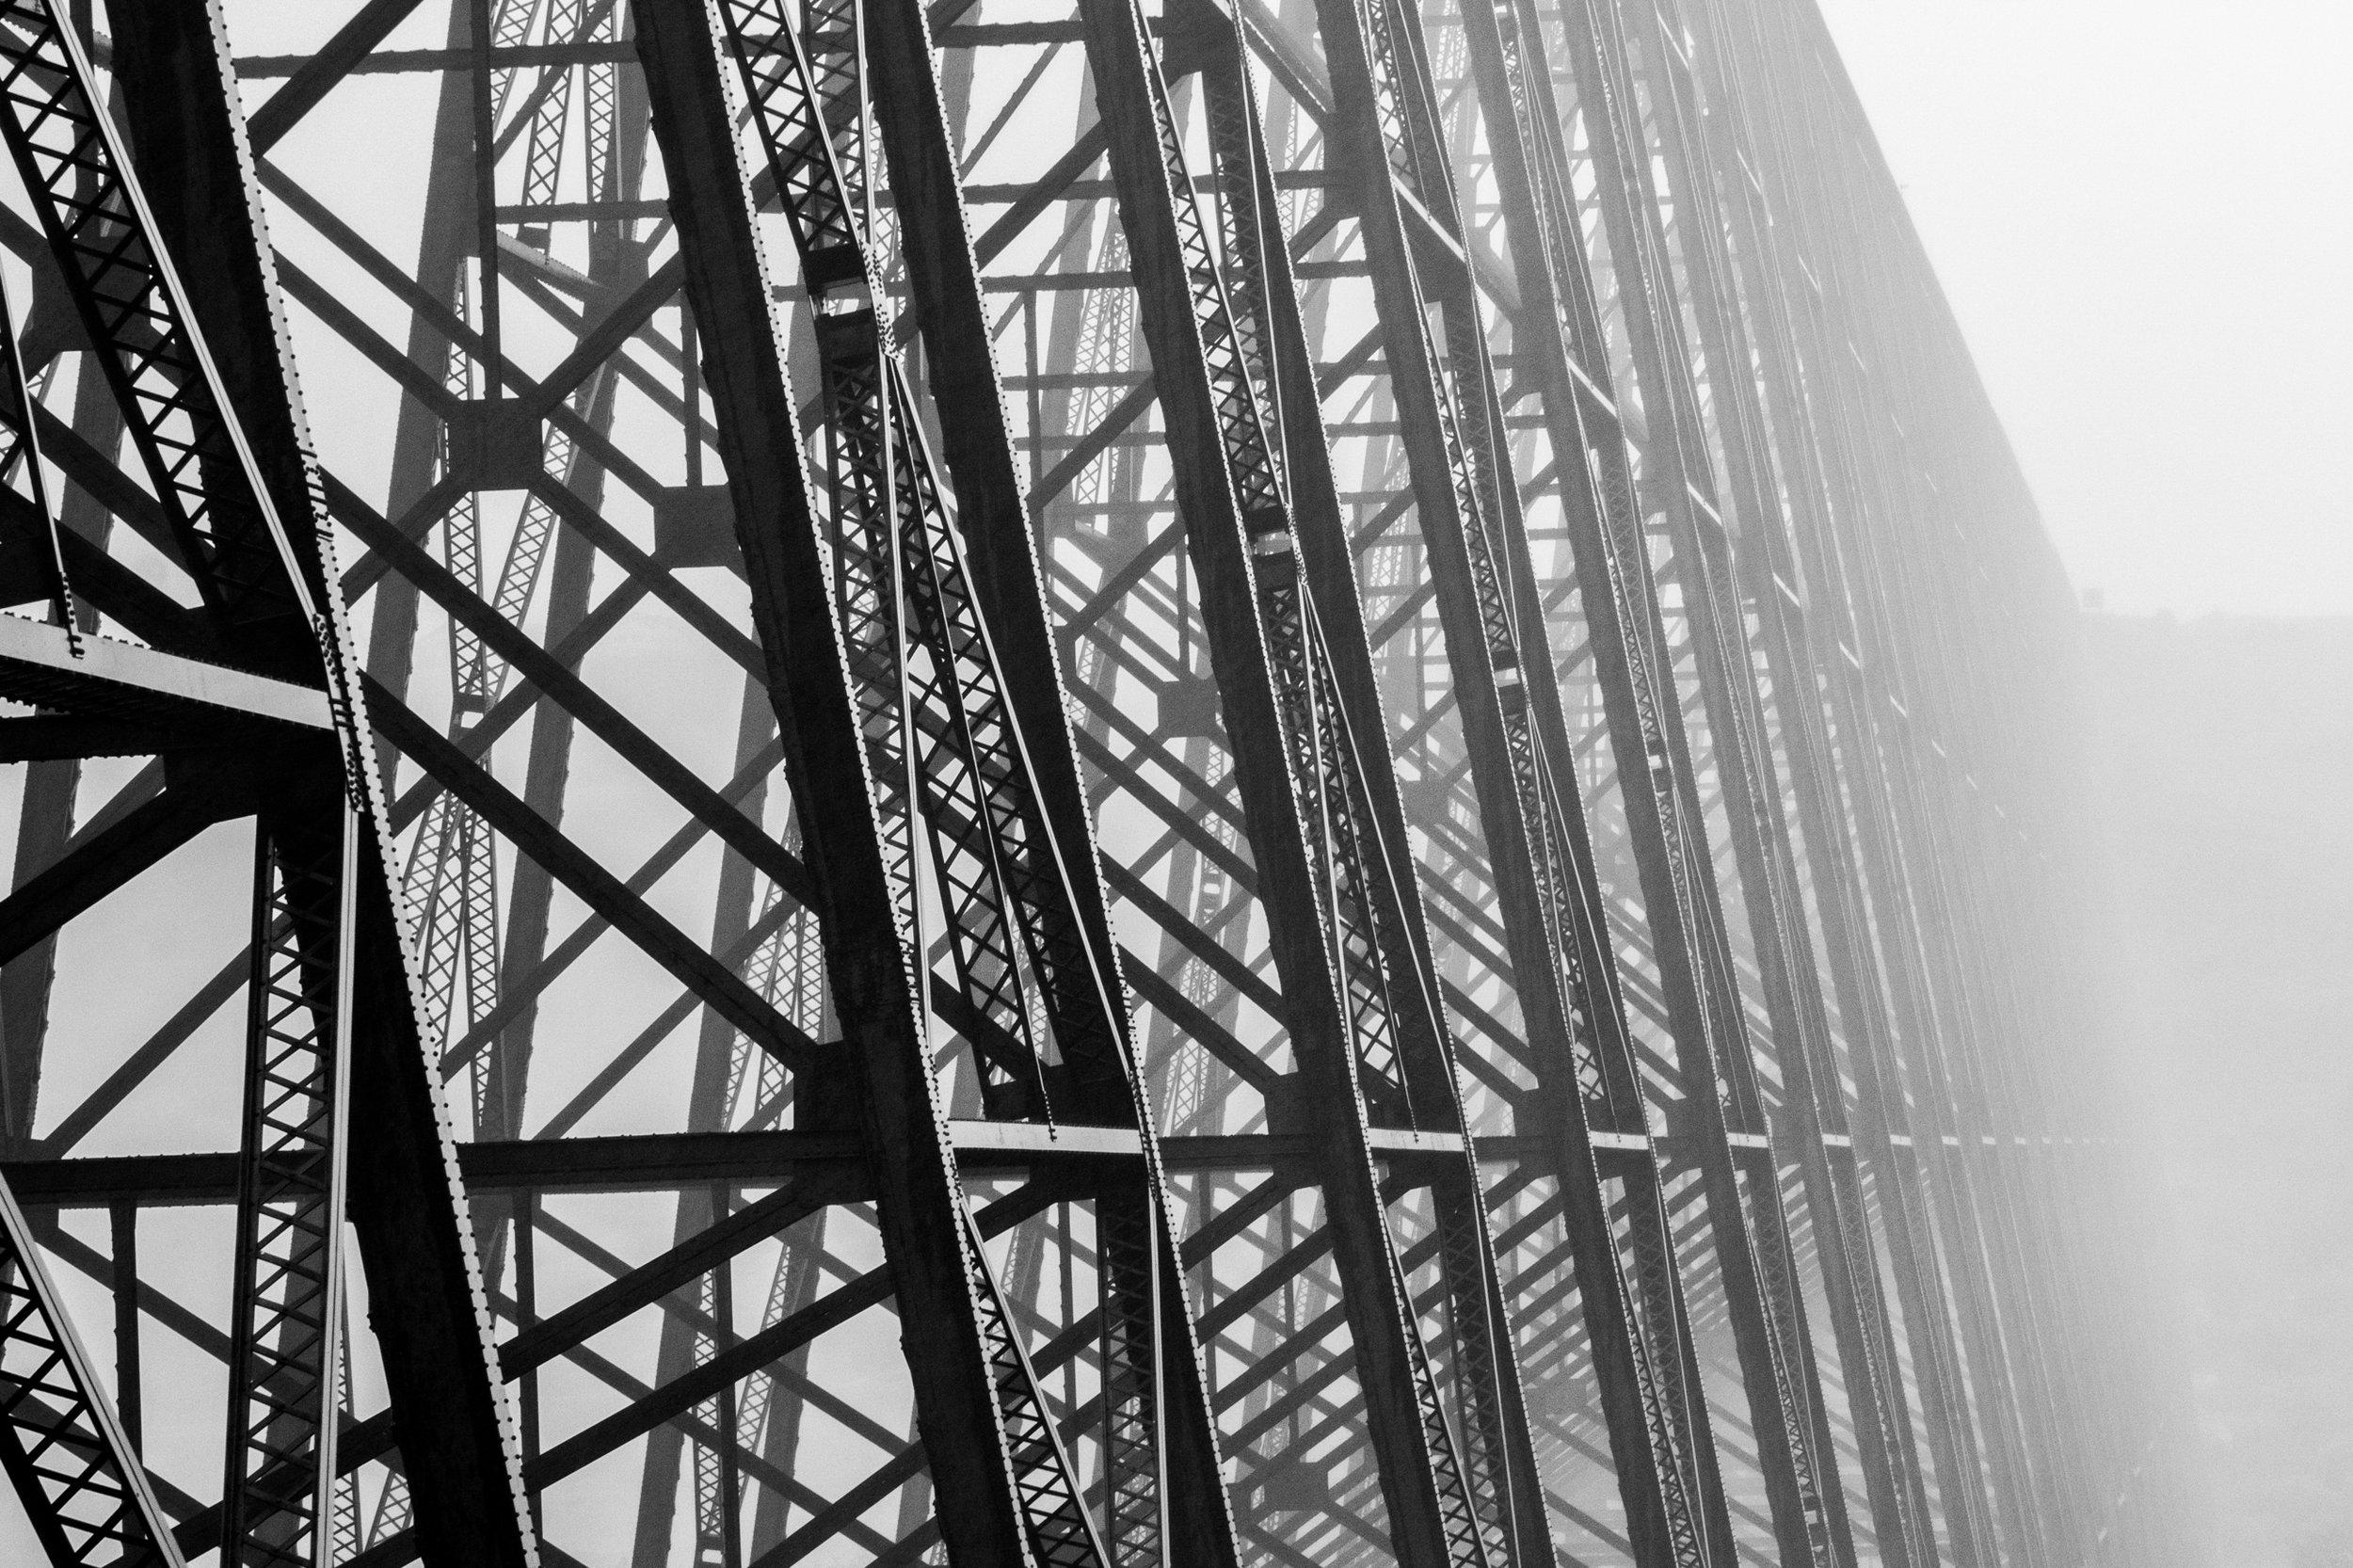 Lethbridge Mist